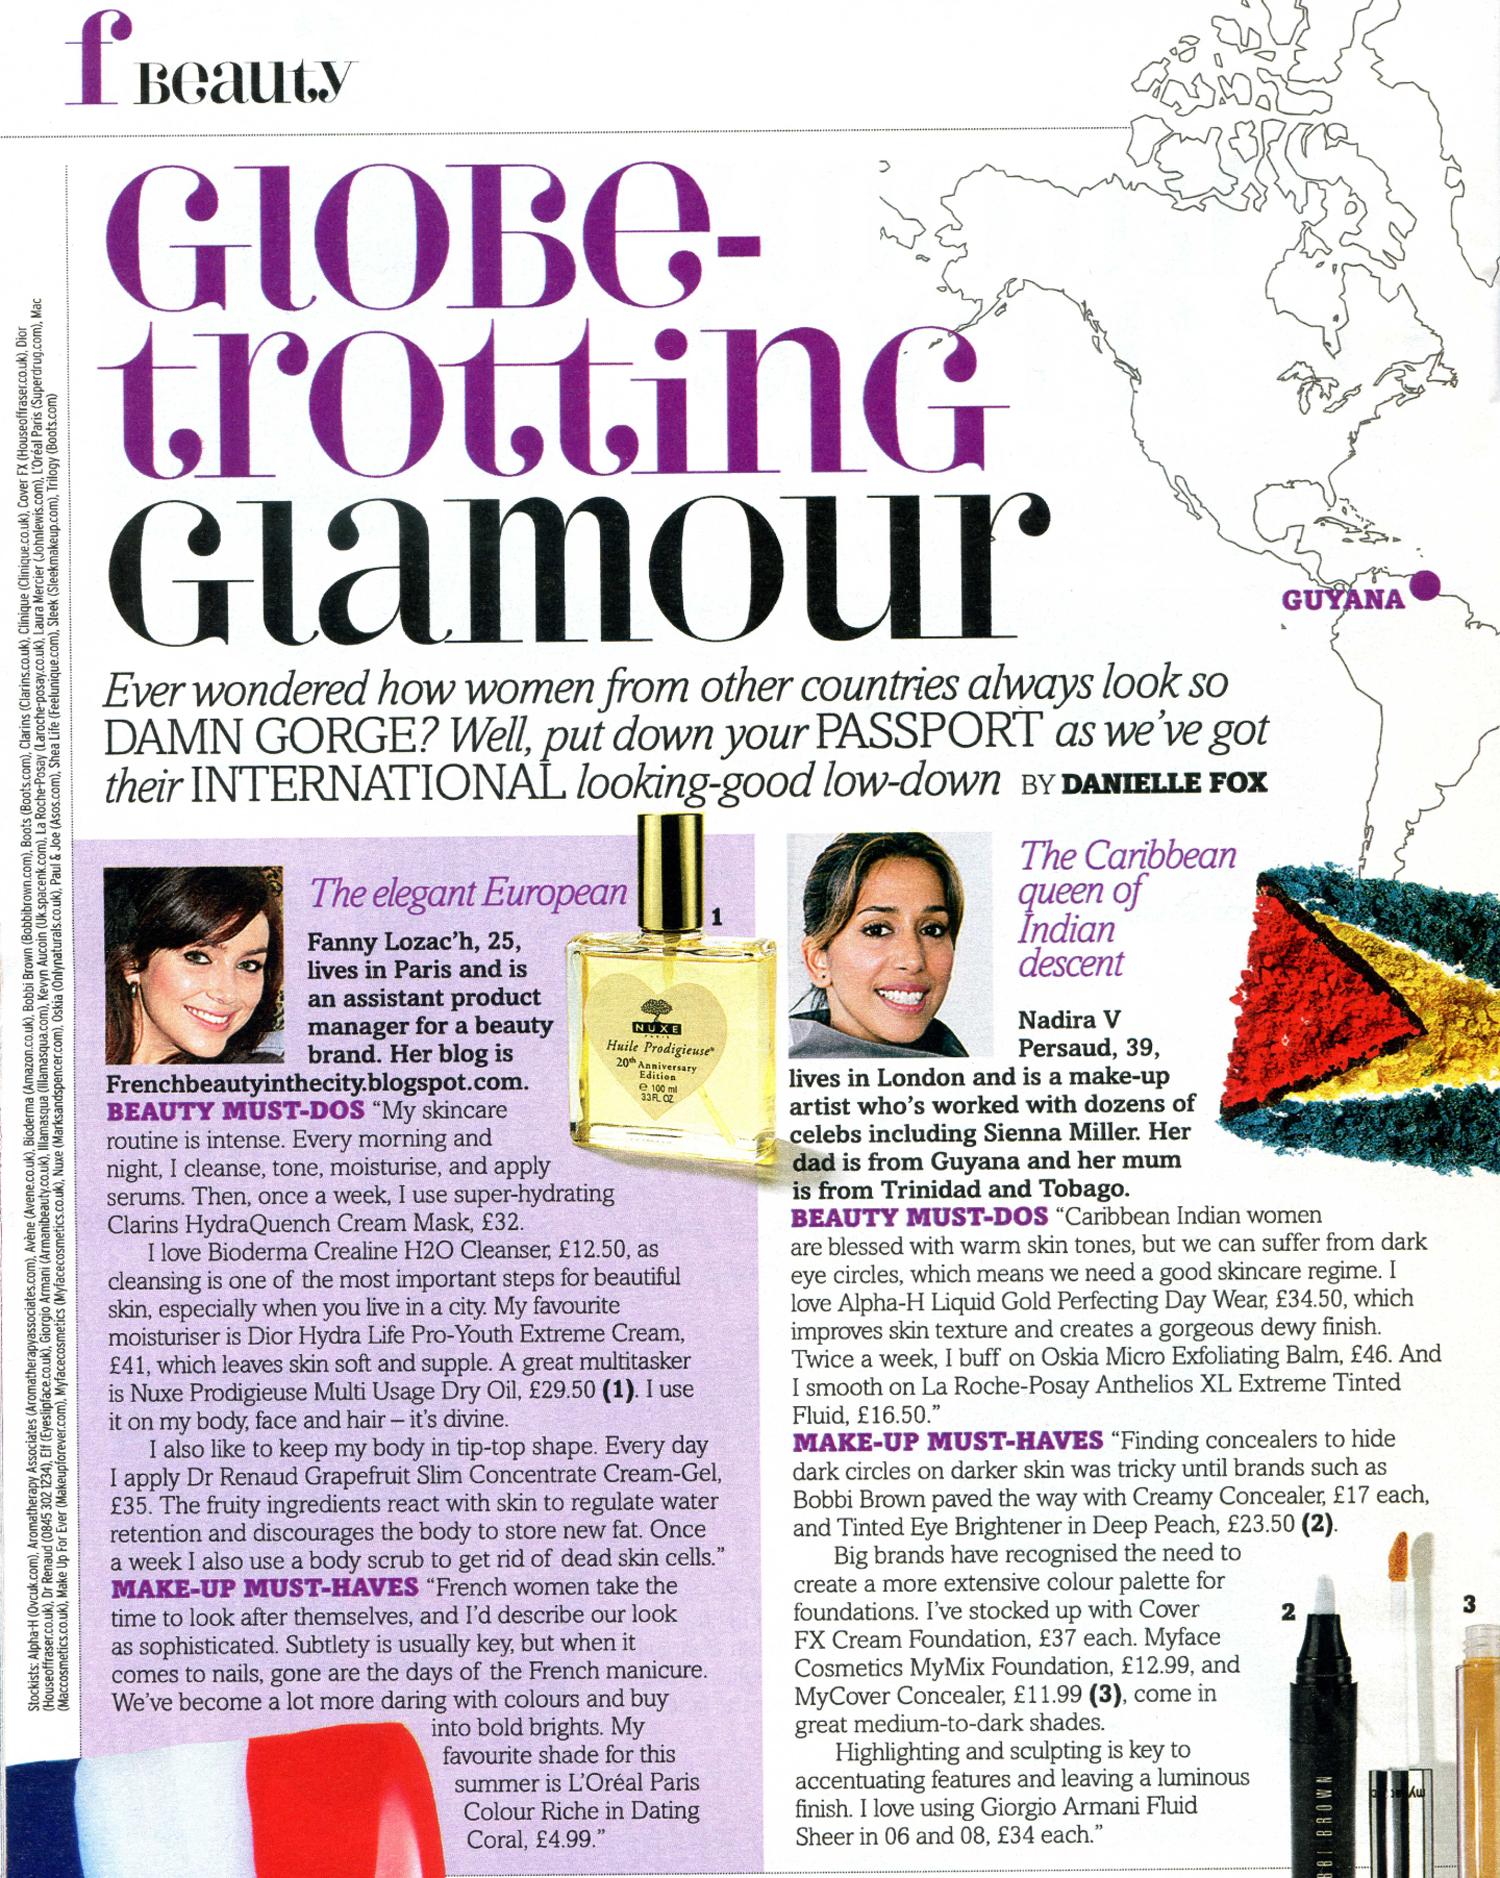 Globe Trotting Glamour, Fabulous Magazine